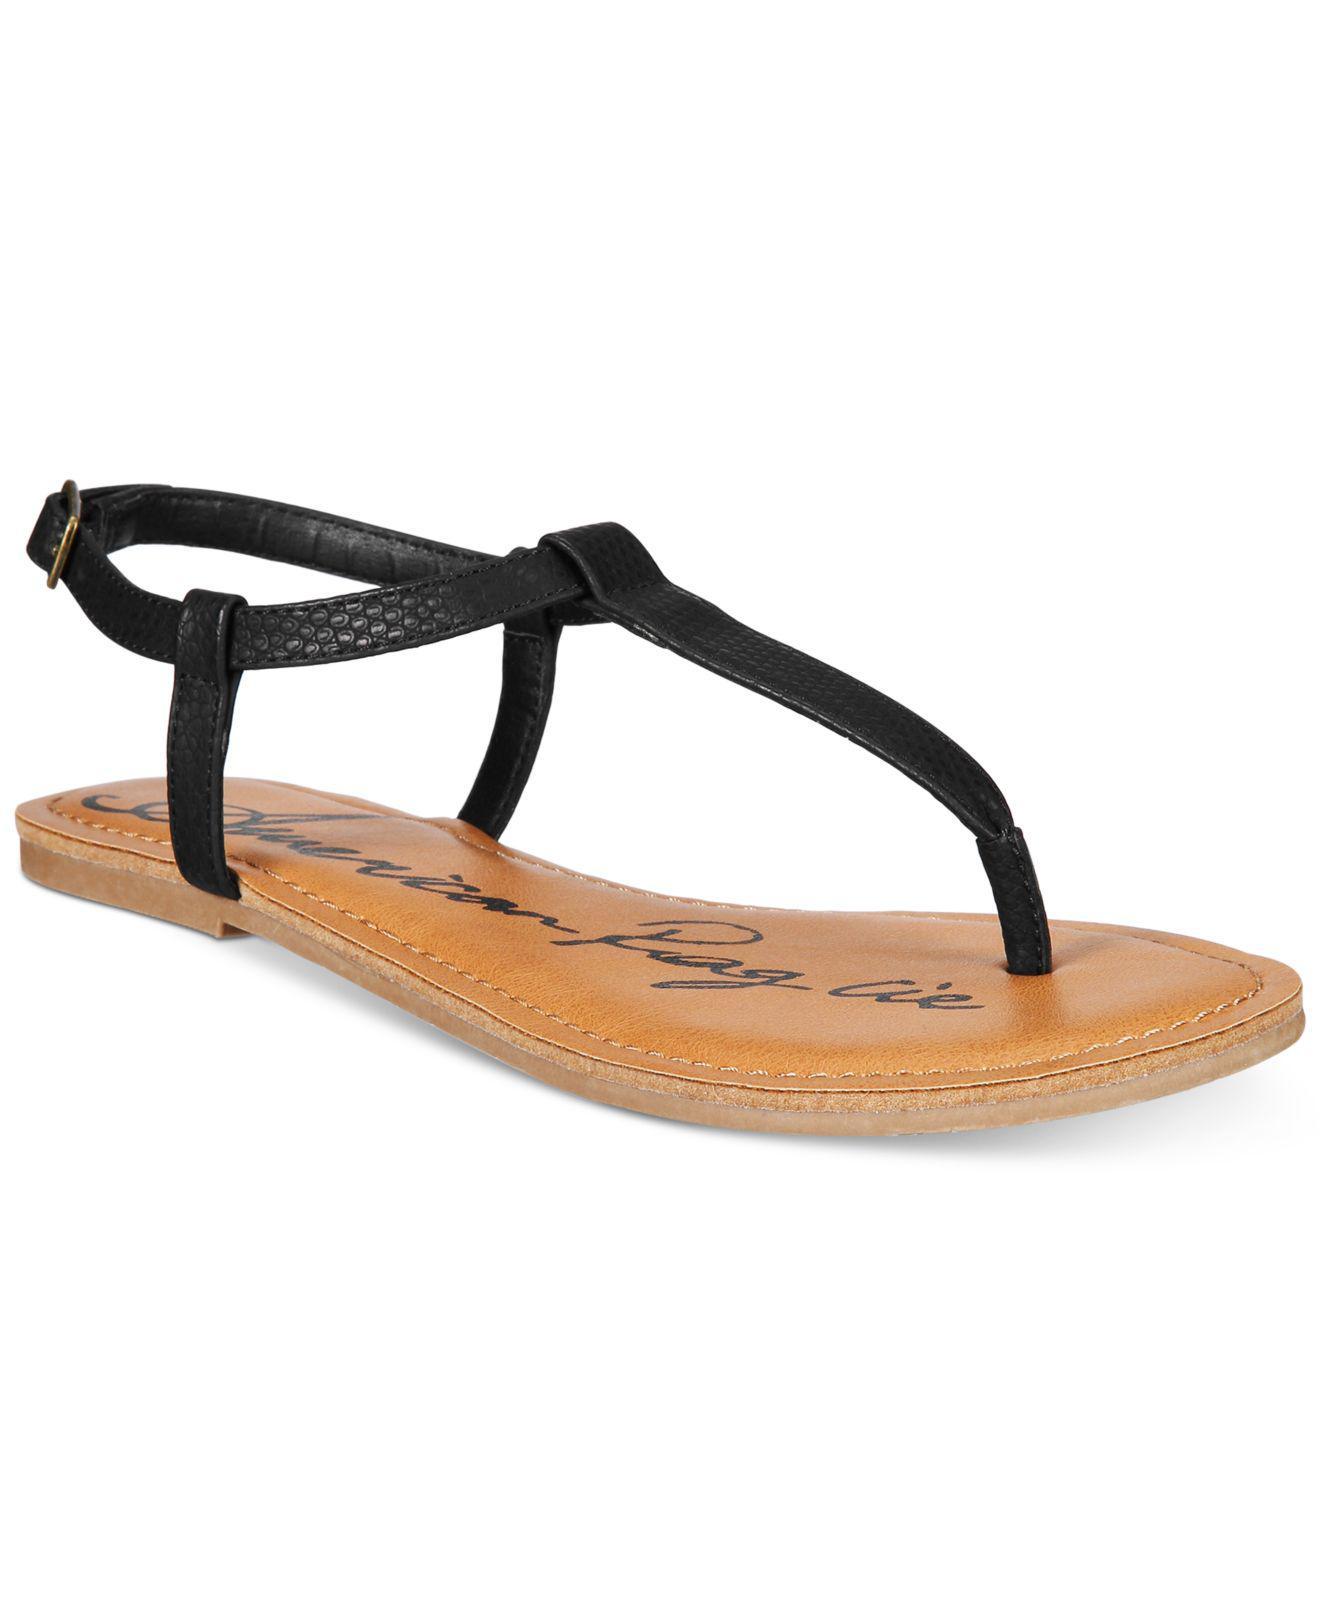 44baf529a650 Lyst - American Rag Krista T-strap Flat Sandals in Brown